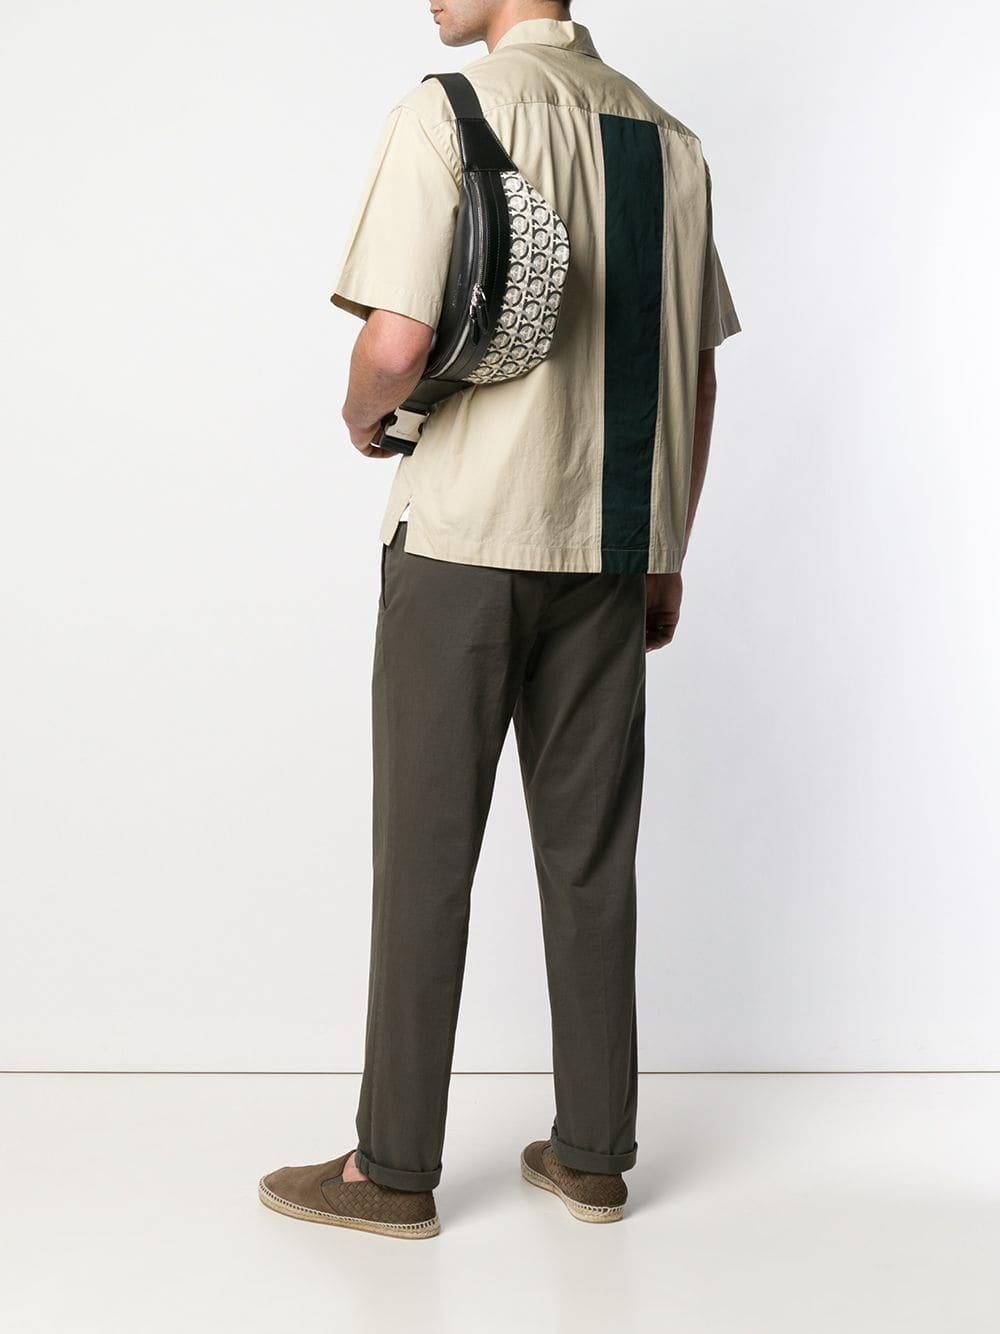 Ferragamo - Black Gancini Print Belt Bag for Men - Lyst. View fullscreen 4e24d8ea1bcb5